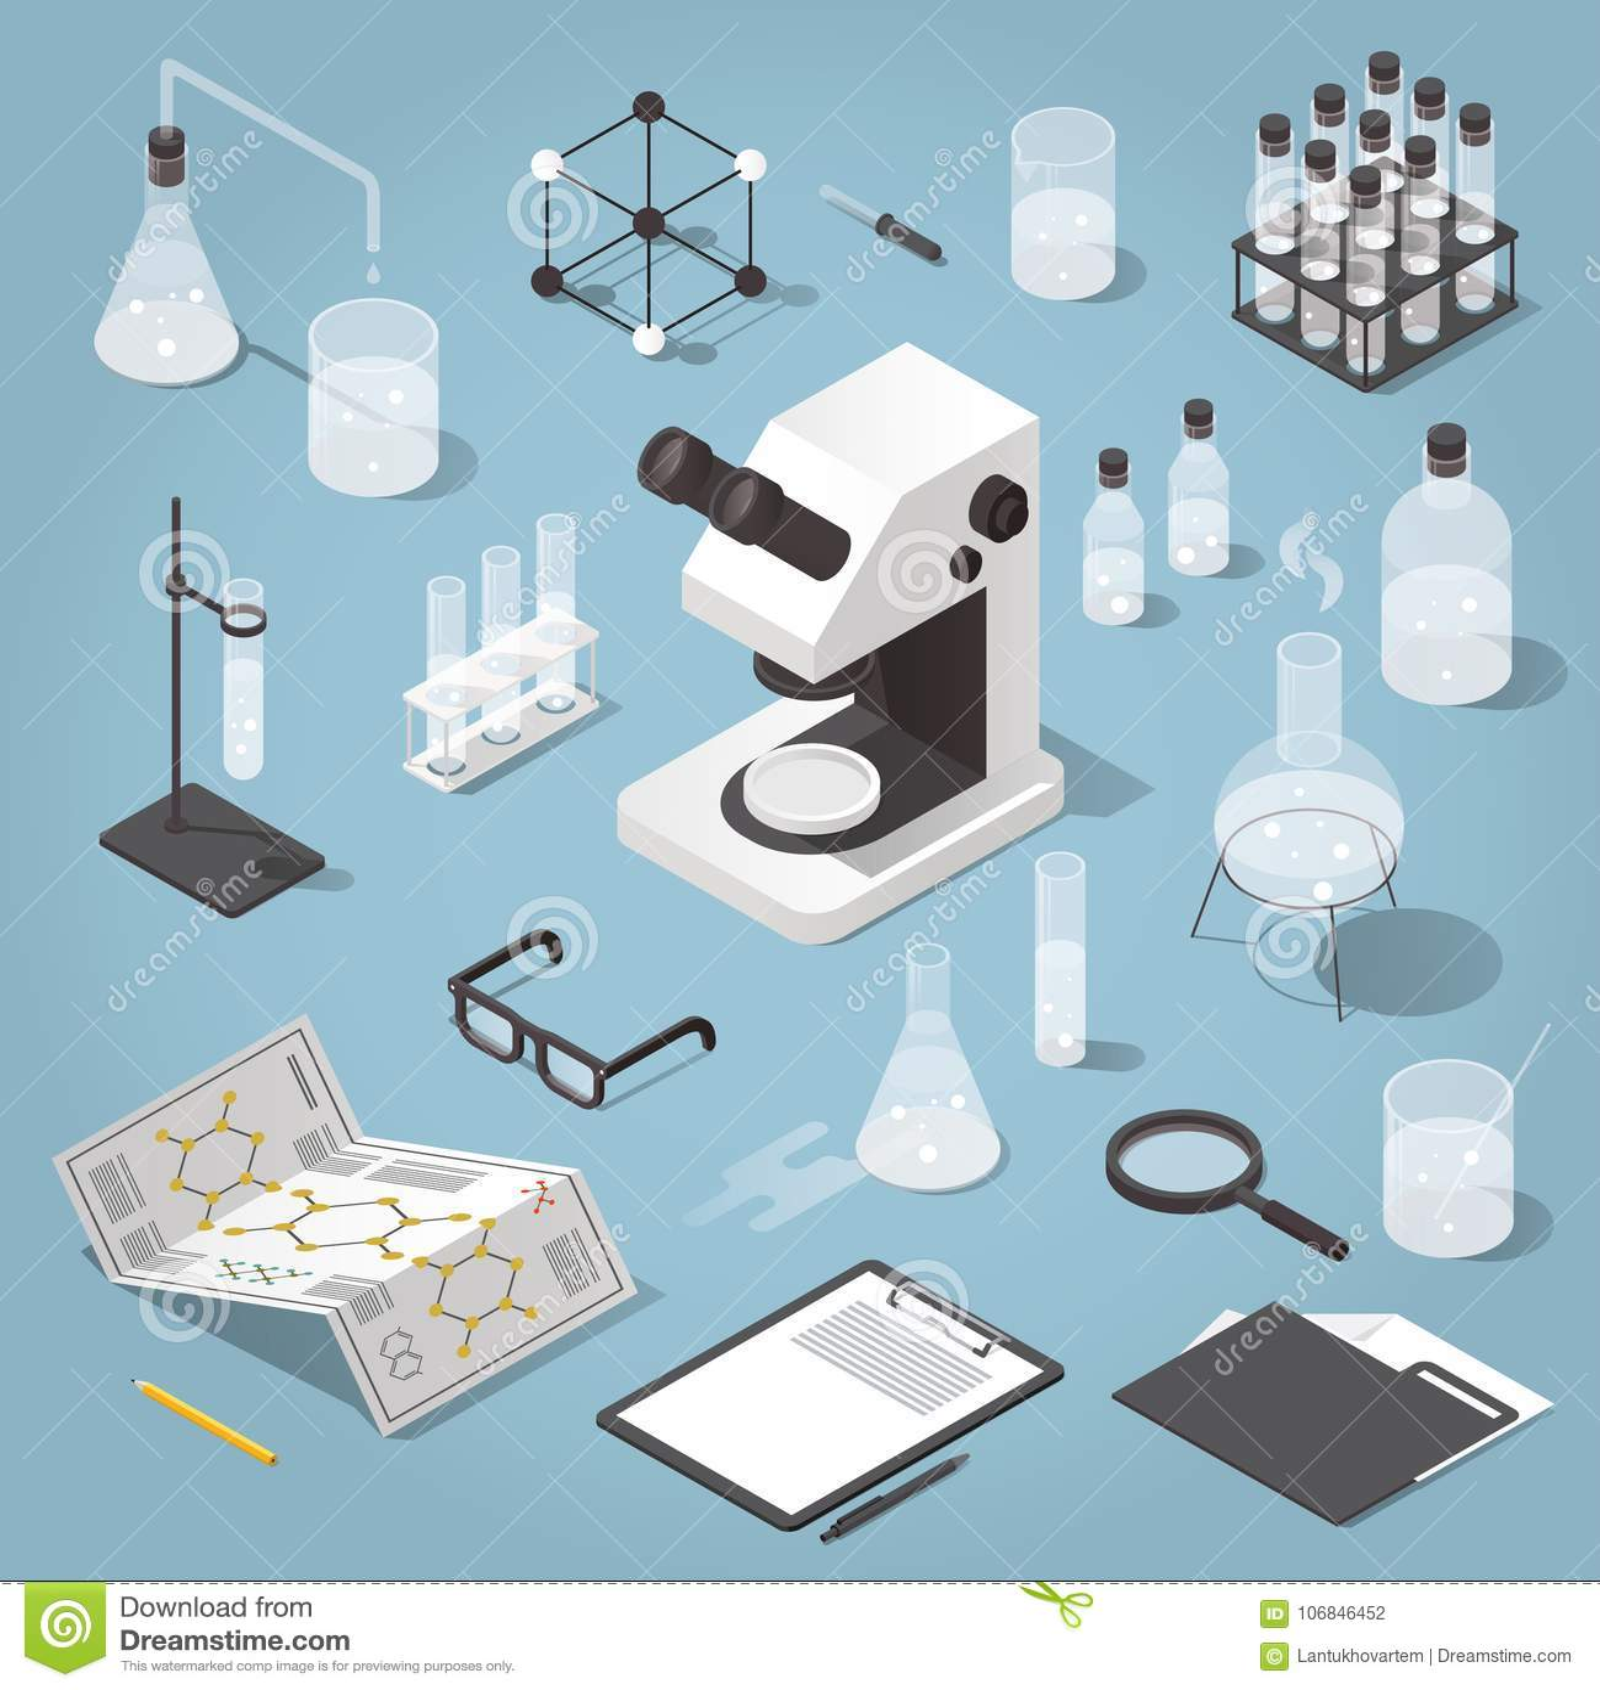 Chemistry laboratory objects set